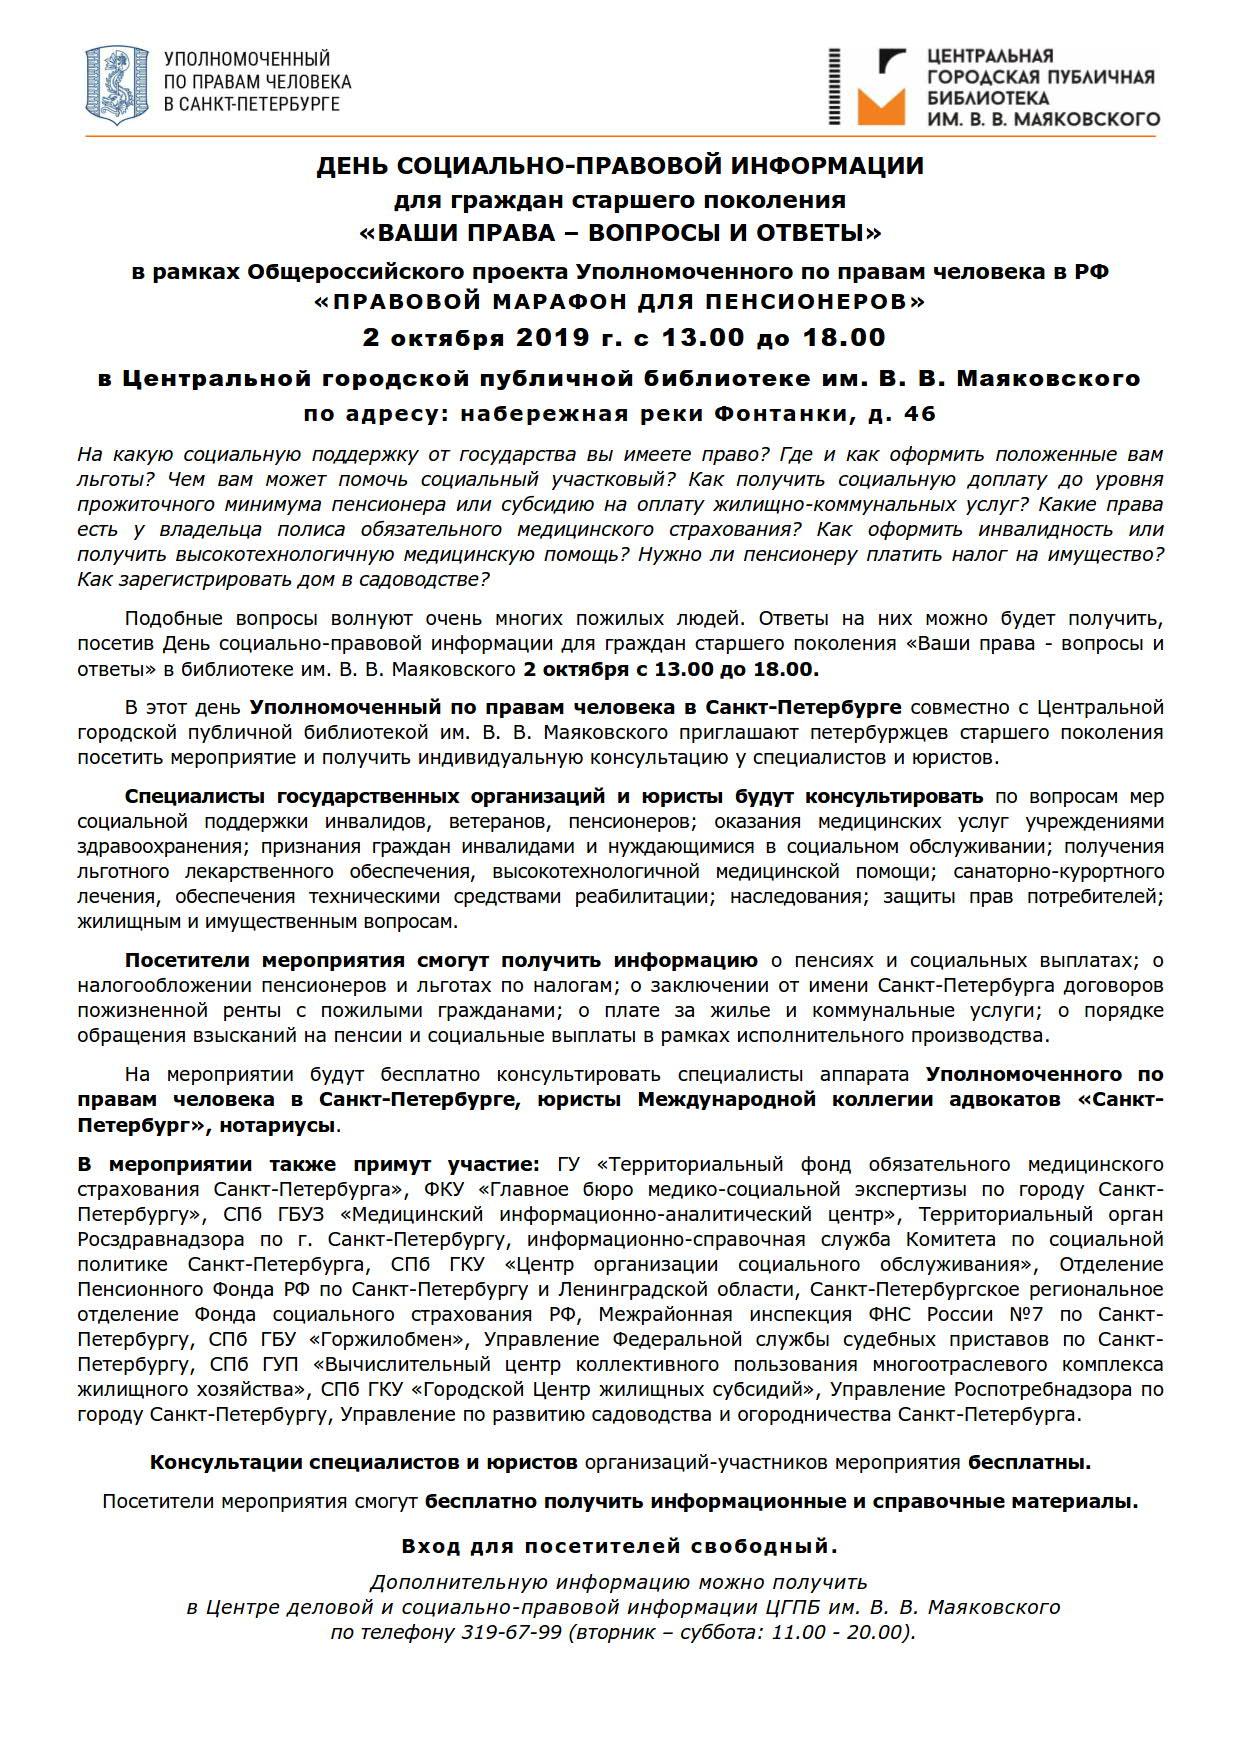 Пресс-релиз ДСПИ 02.10.2019_1